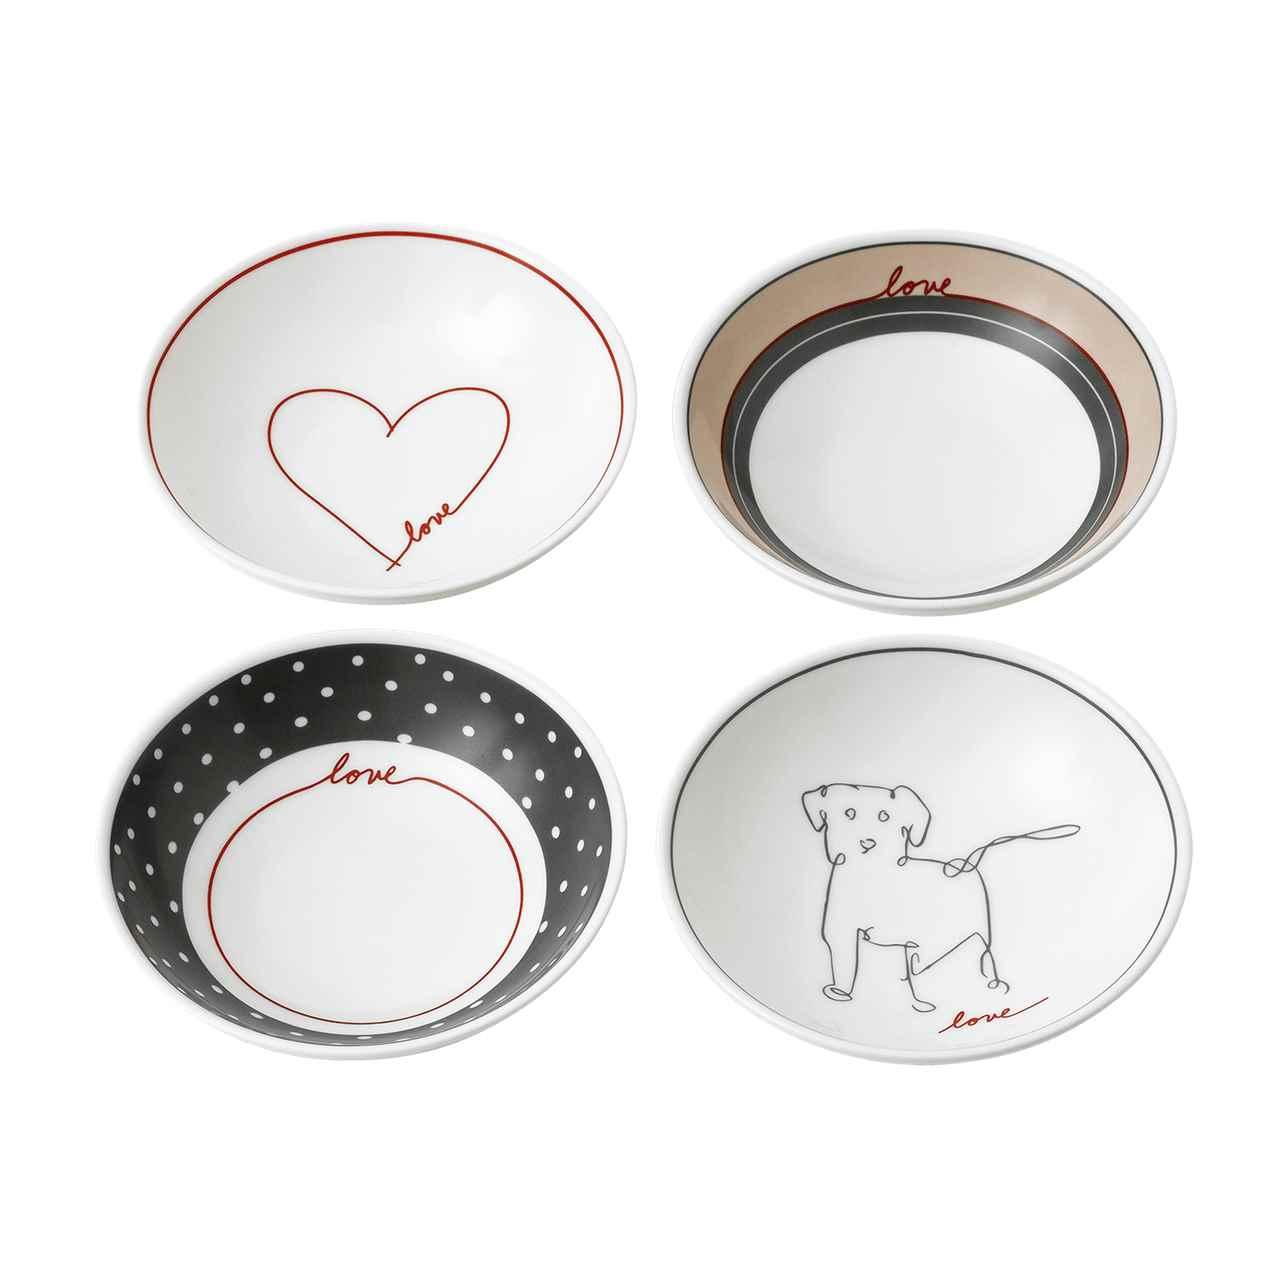 Small Bowls (Set of 4)